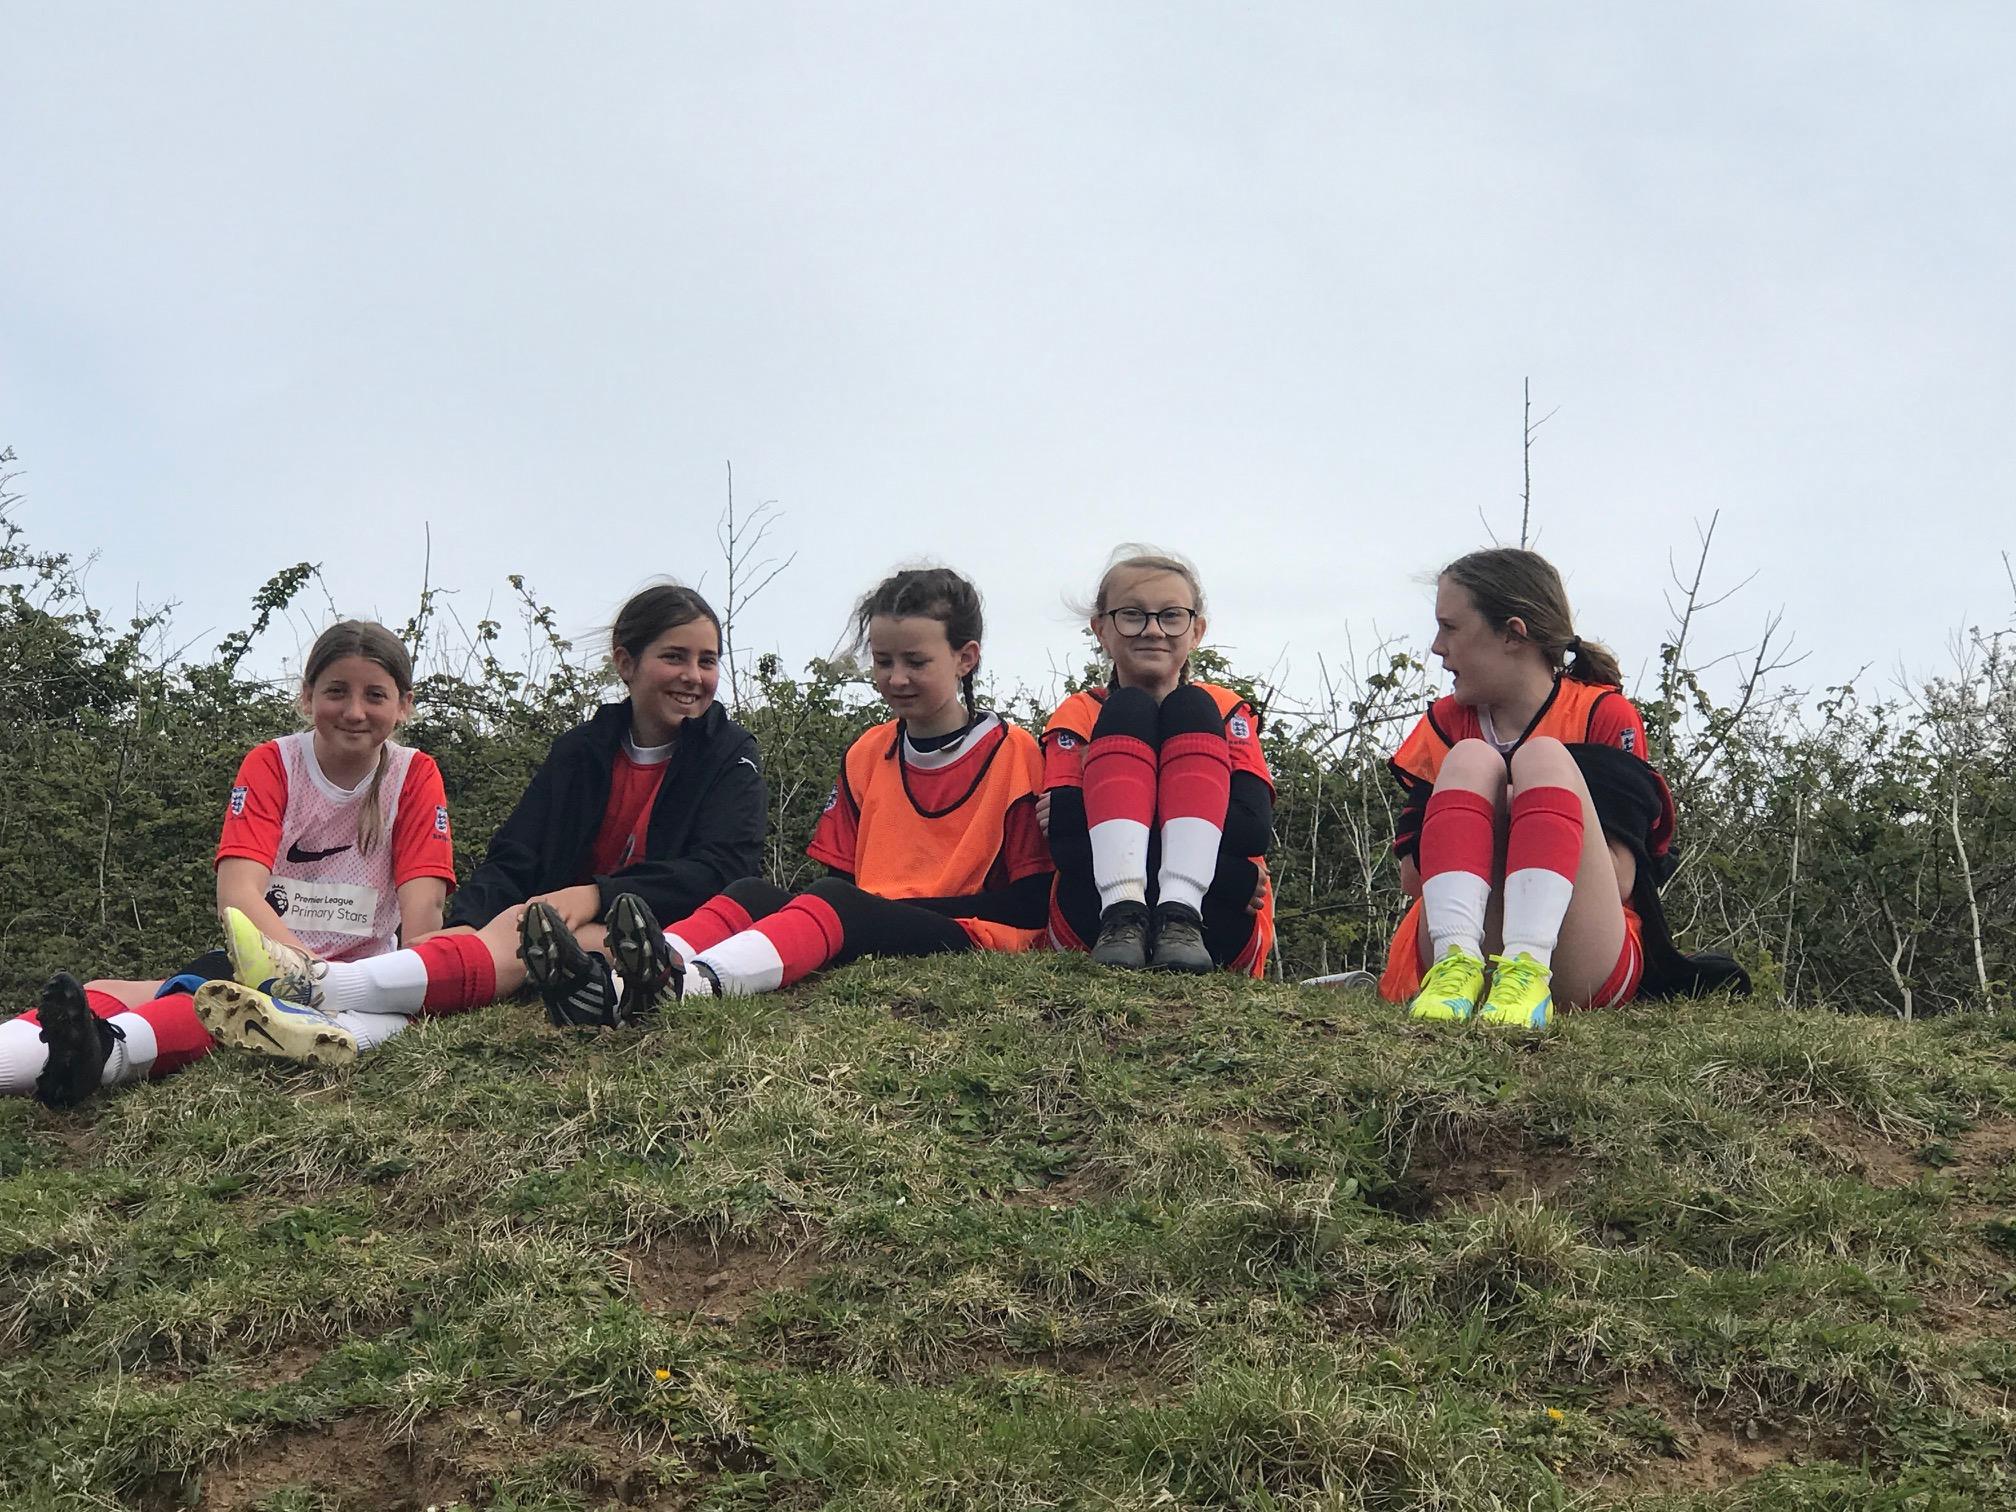 U14 Girls Wolf Cubs